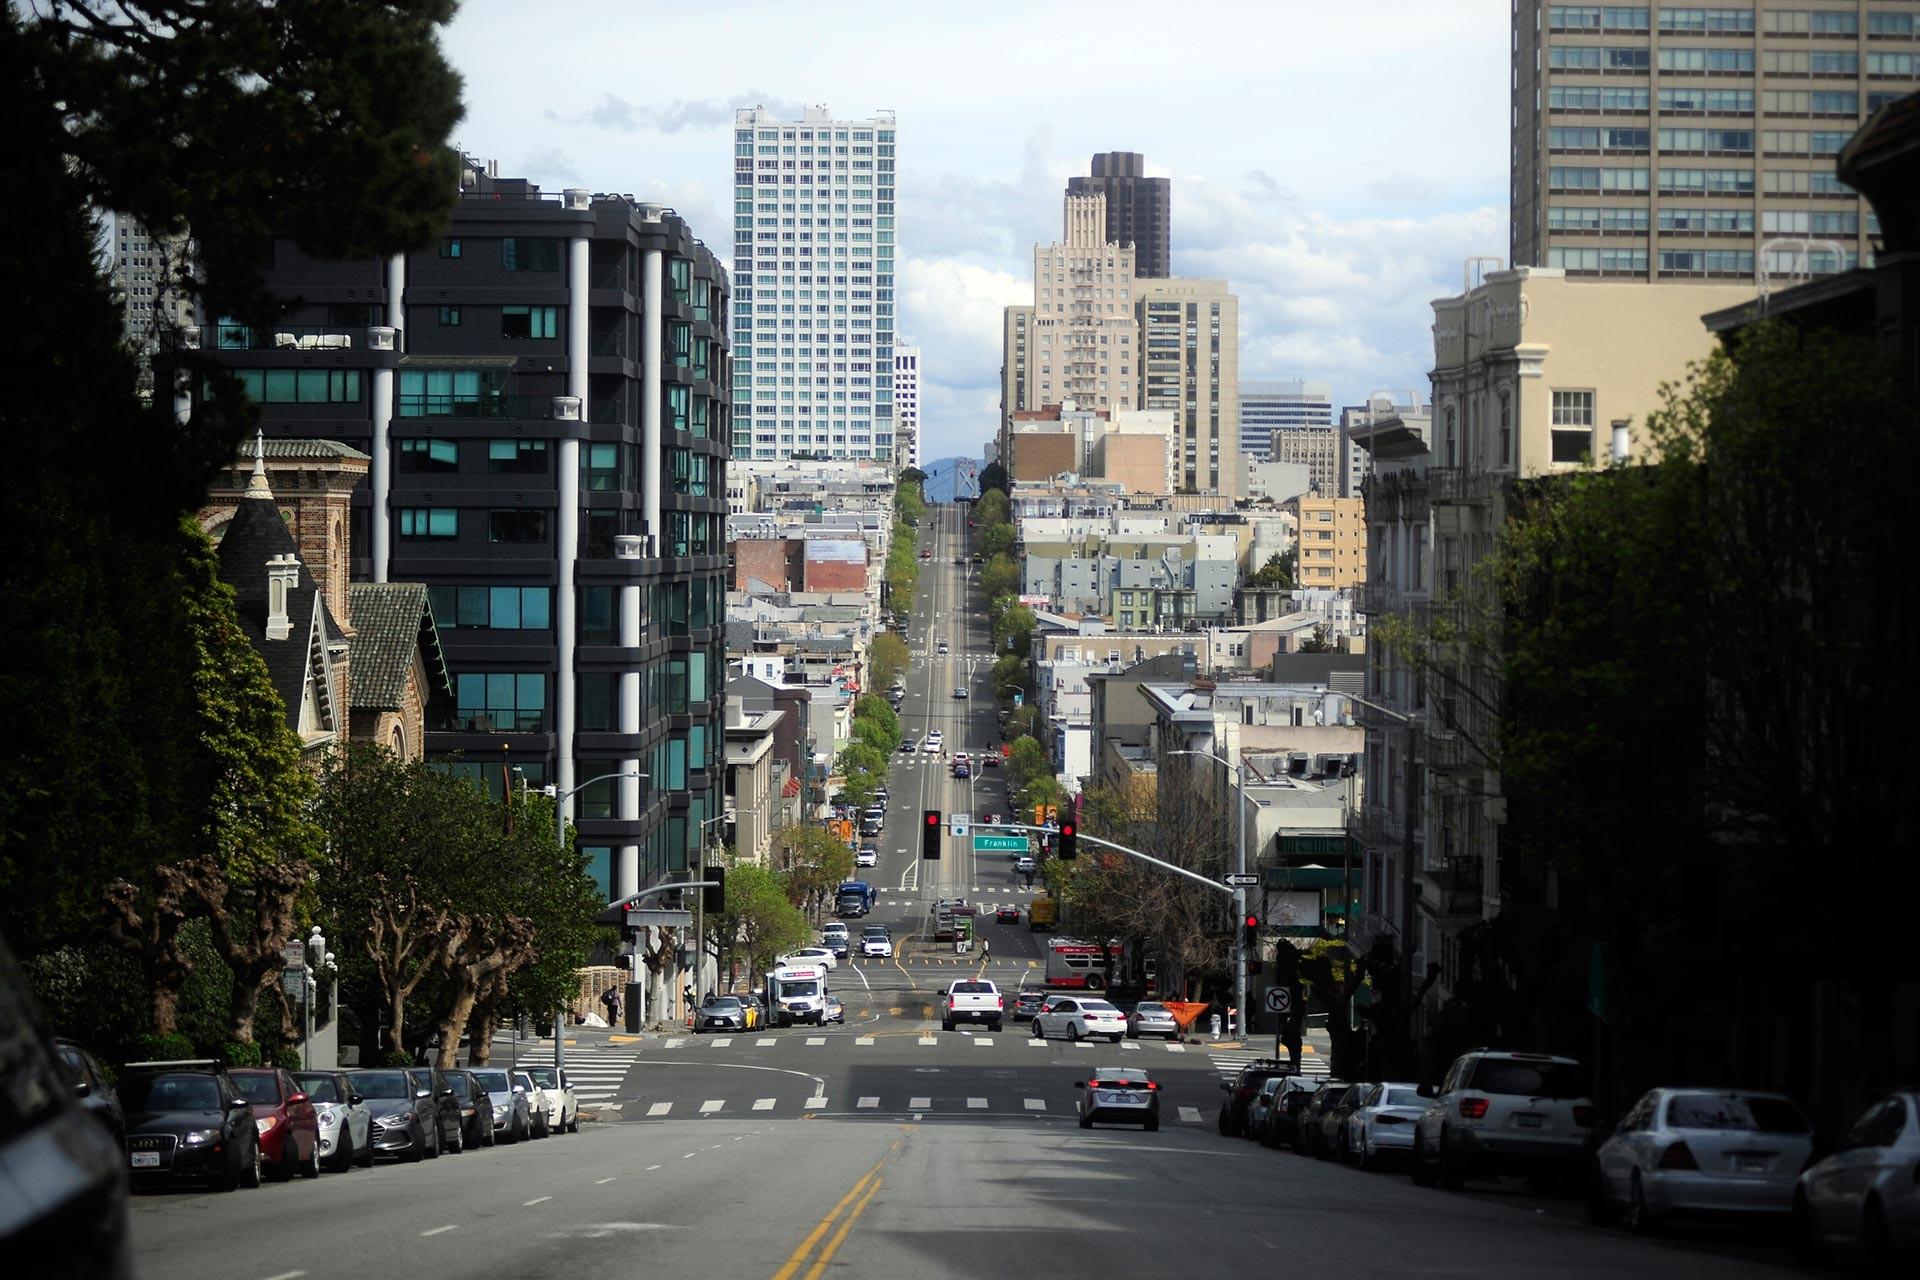 ABD'nin Kaliforniya eyaletinin San Francisco kentinde koronavirüs salgınıyla mücadele için alınan tedbirlerin ardından sokaklarda sakinlik gözlendi.